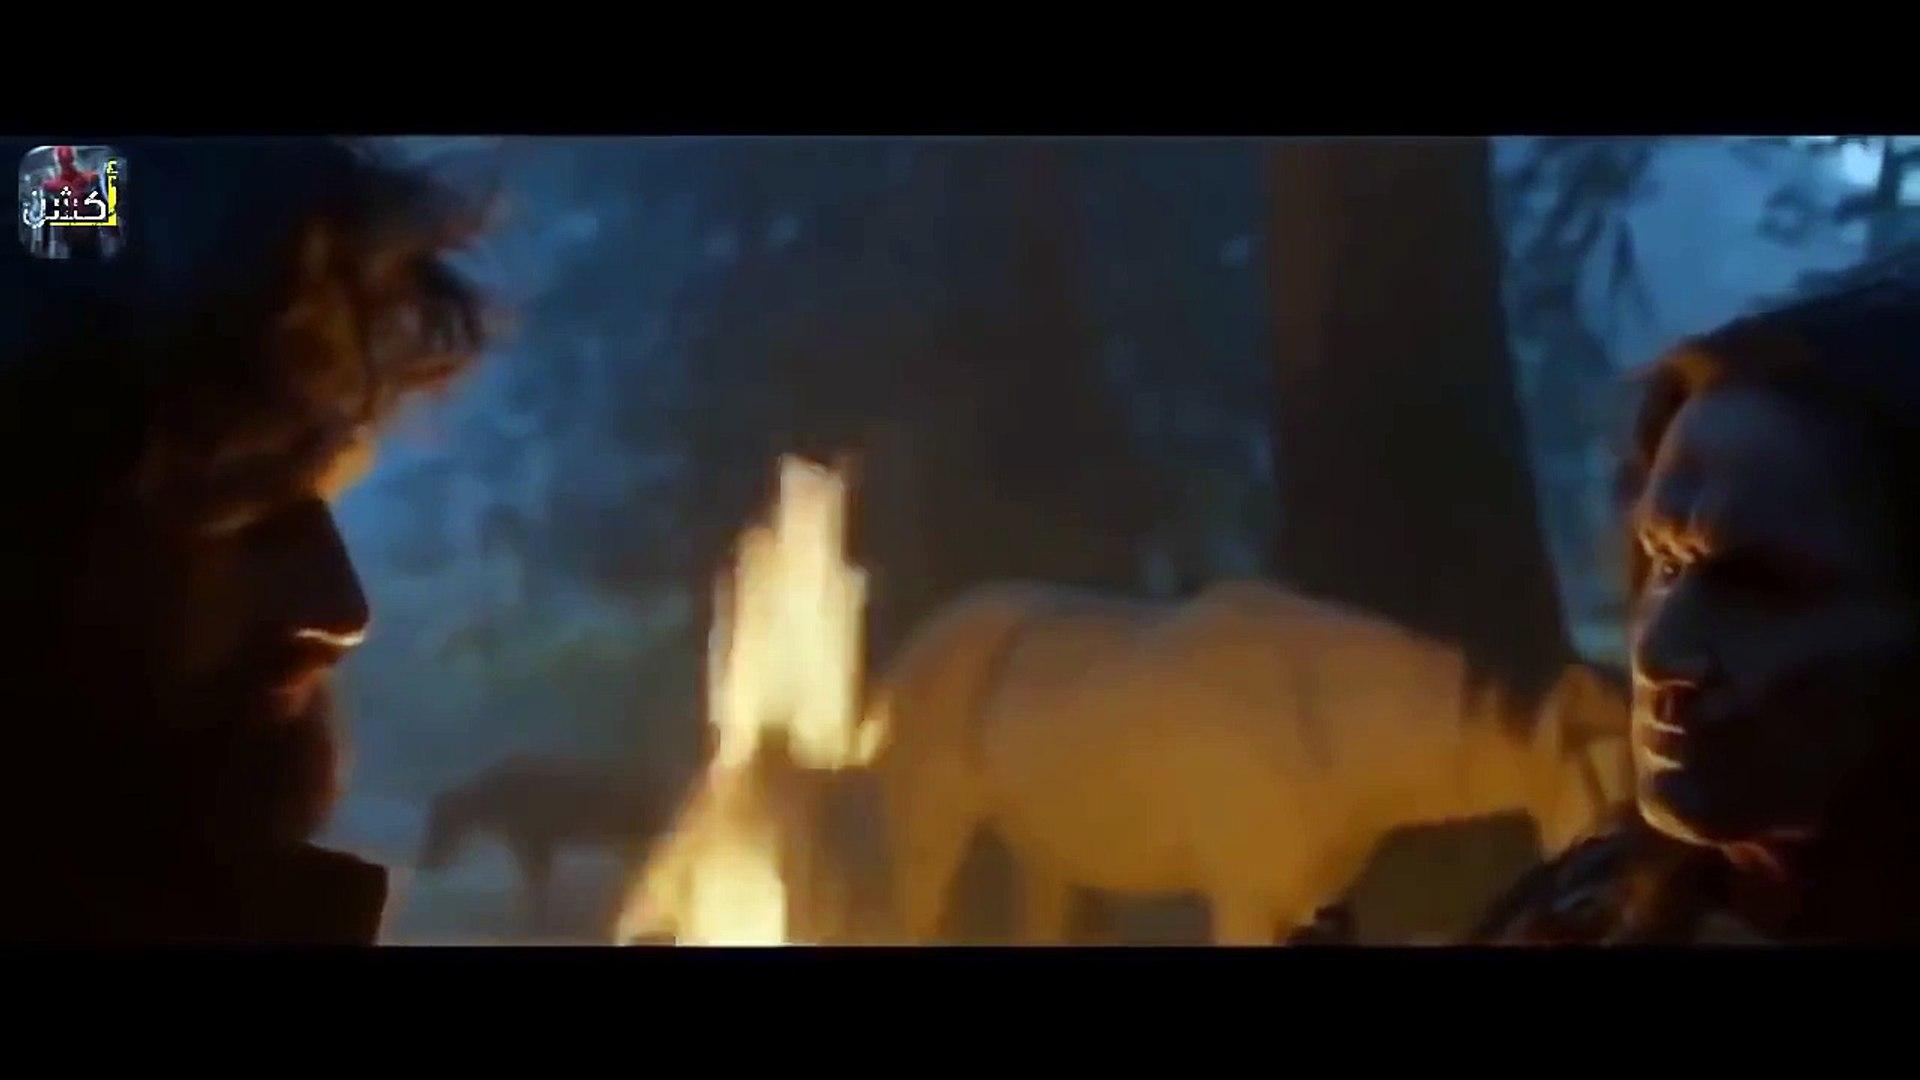 فيلم فاندام الجديد 2016 مترجم - 2016 فيلم الاكشن وقتال part 1/3